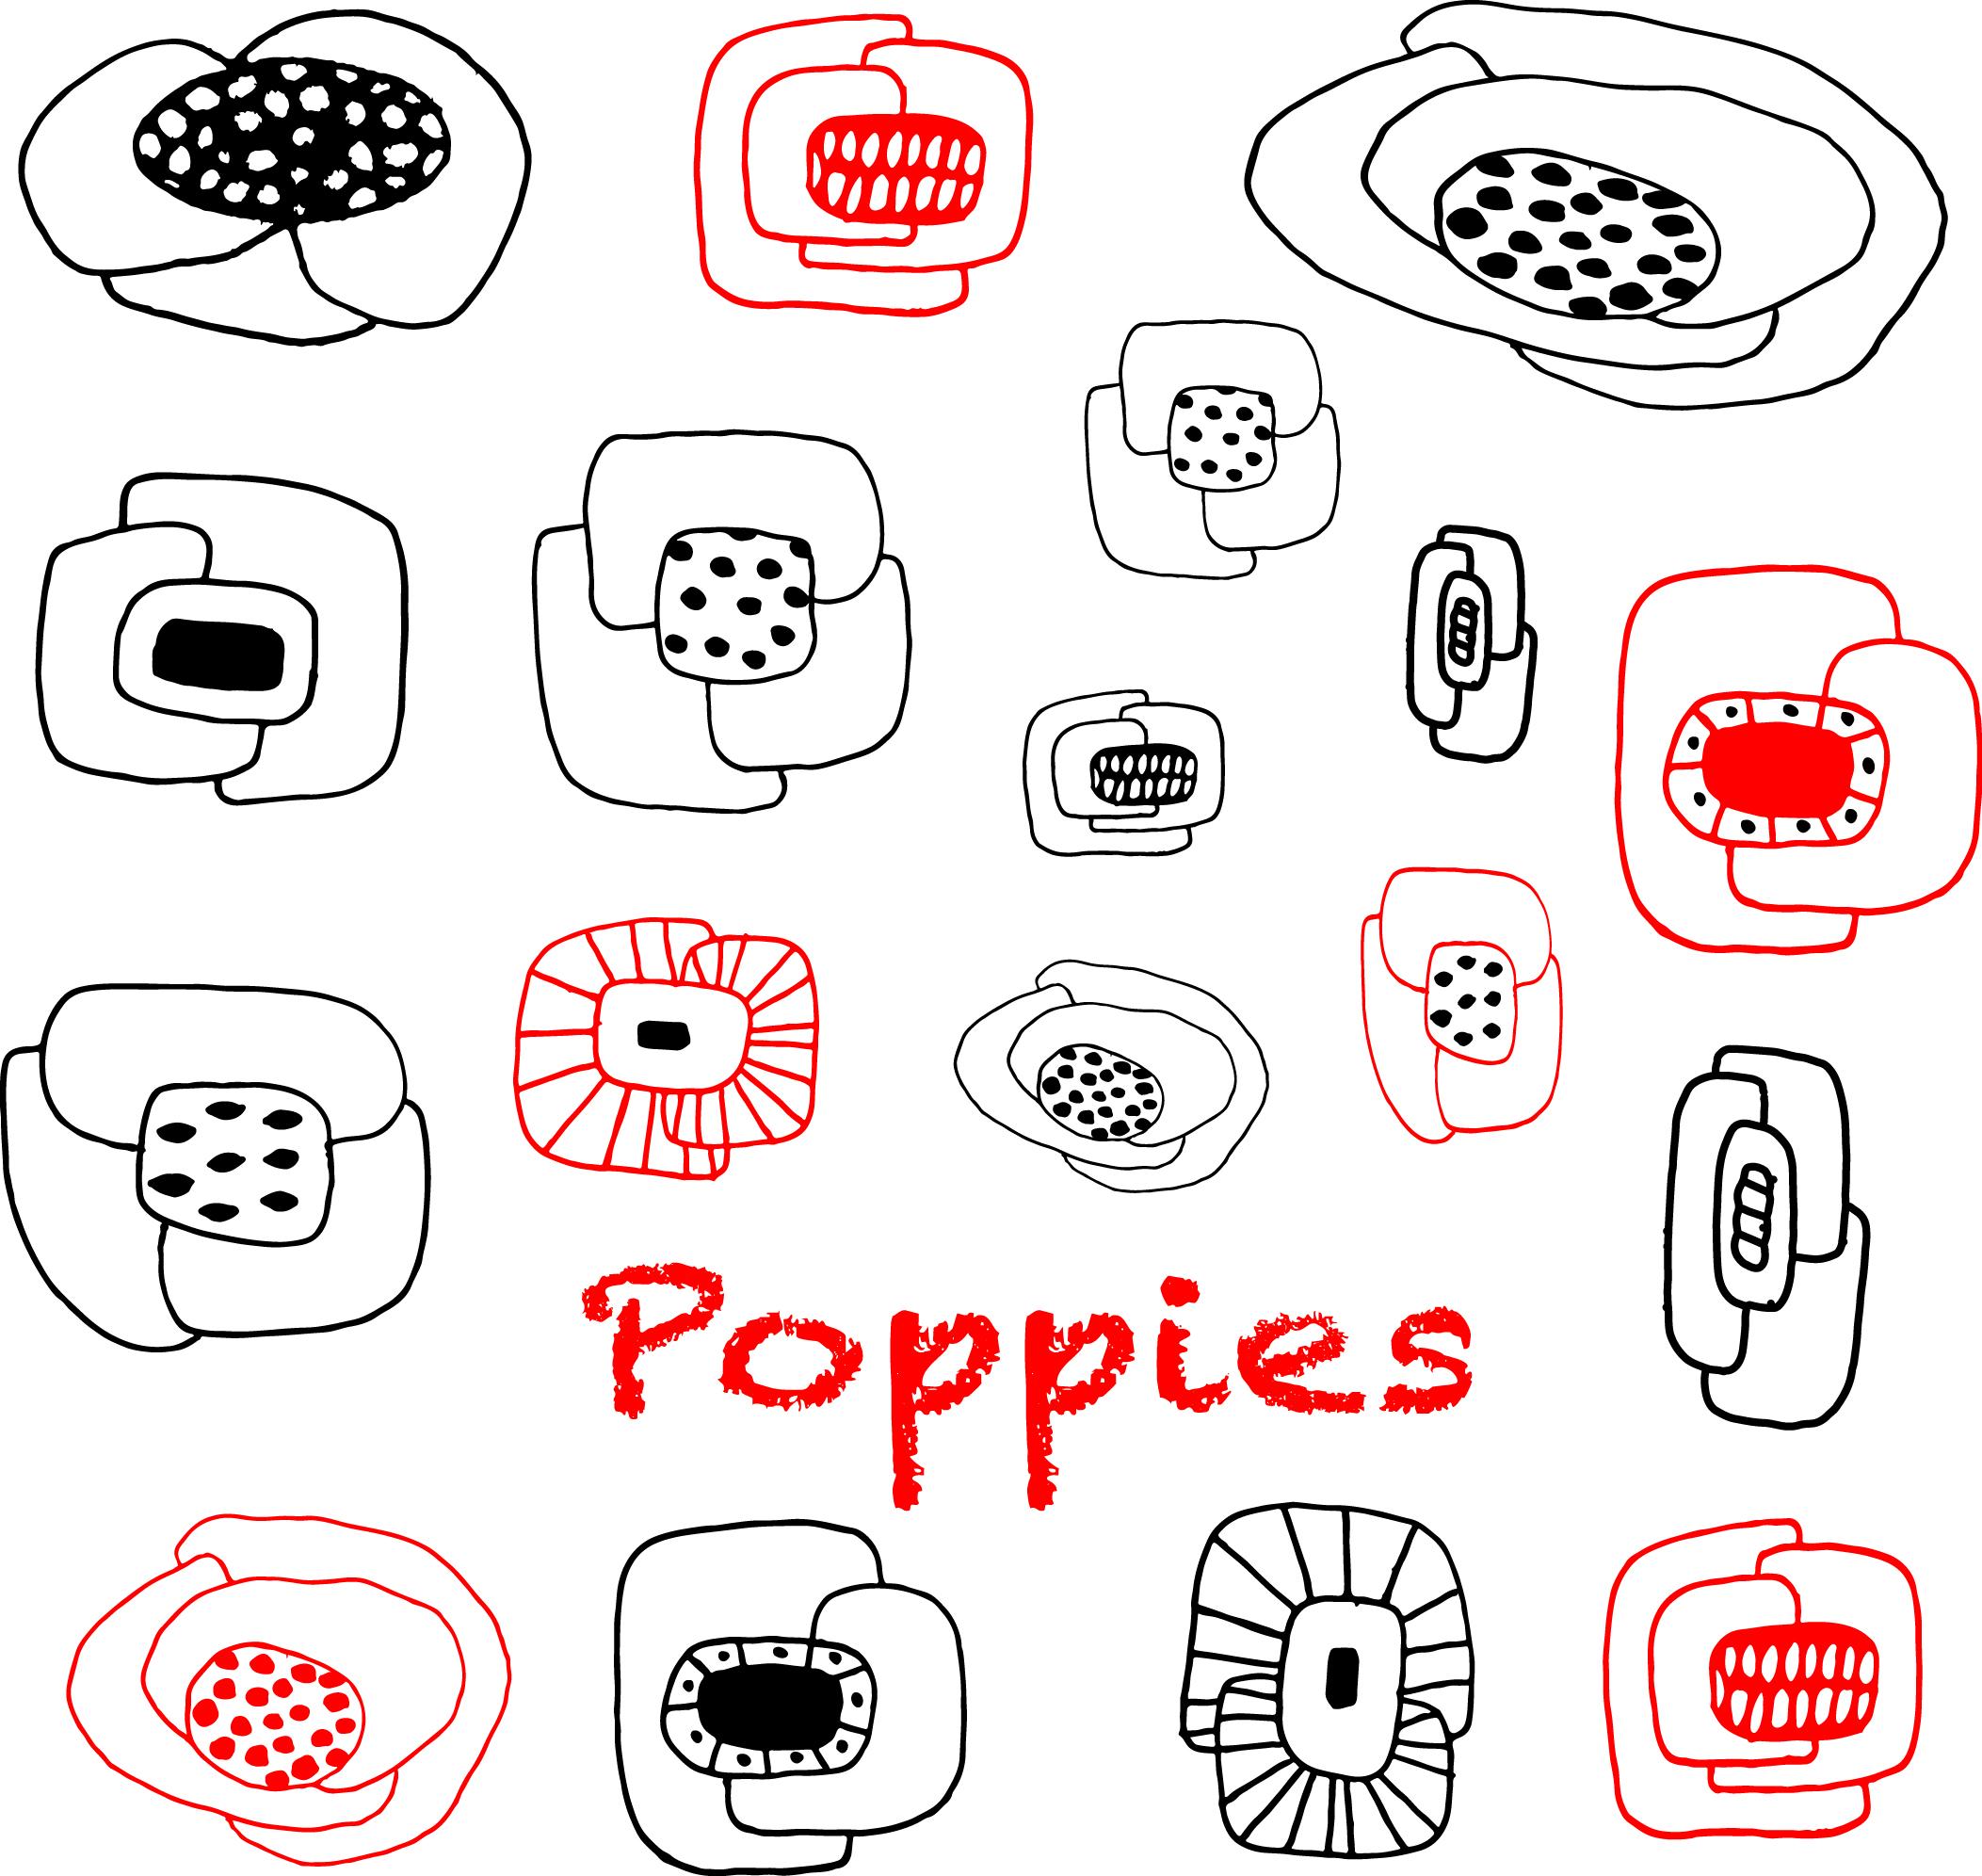 Poppies illustrations.jpg